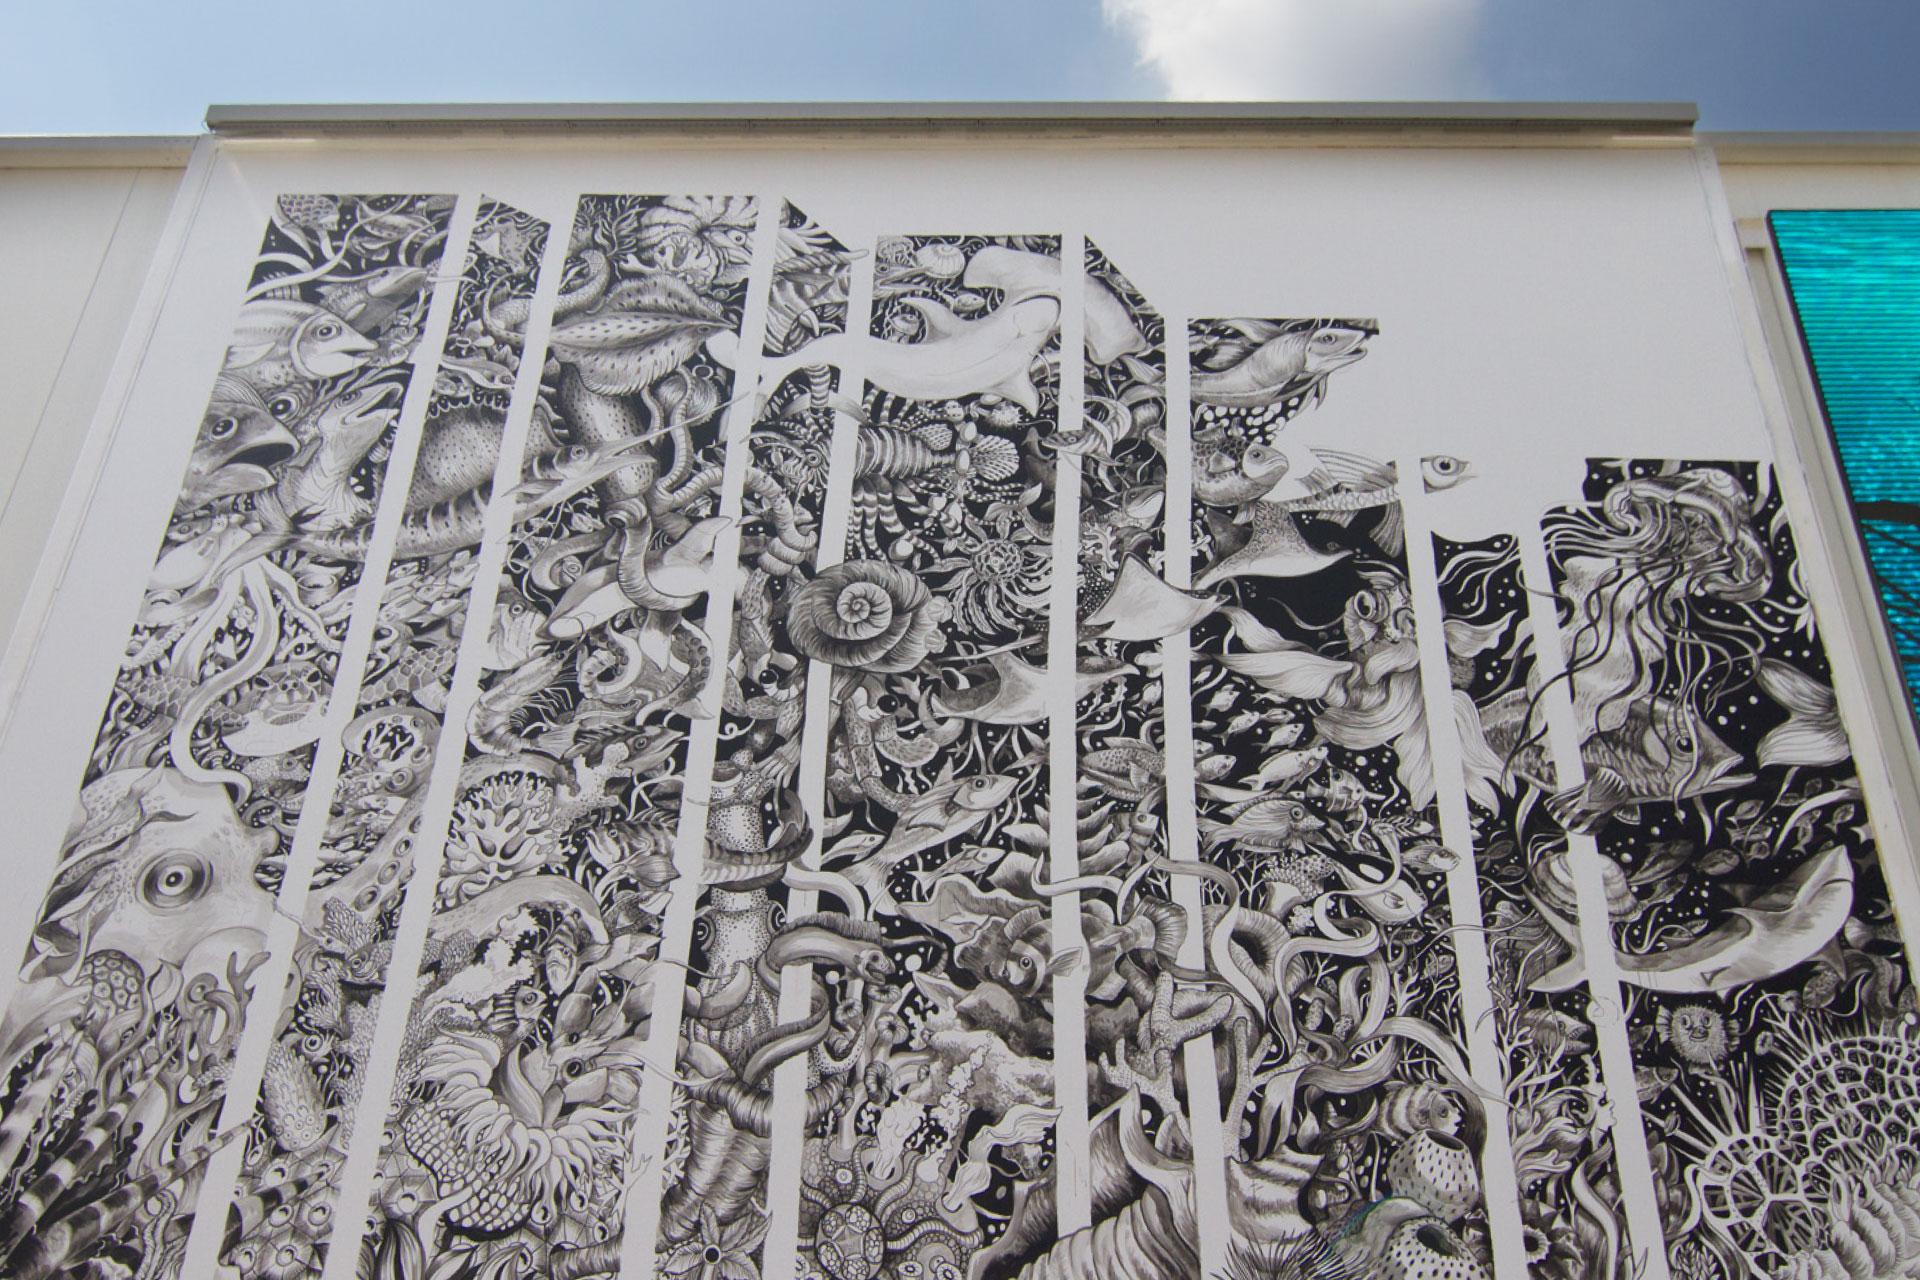 Expo Milan Mural